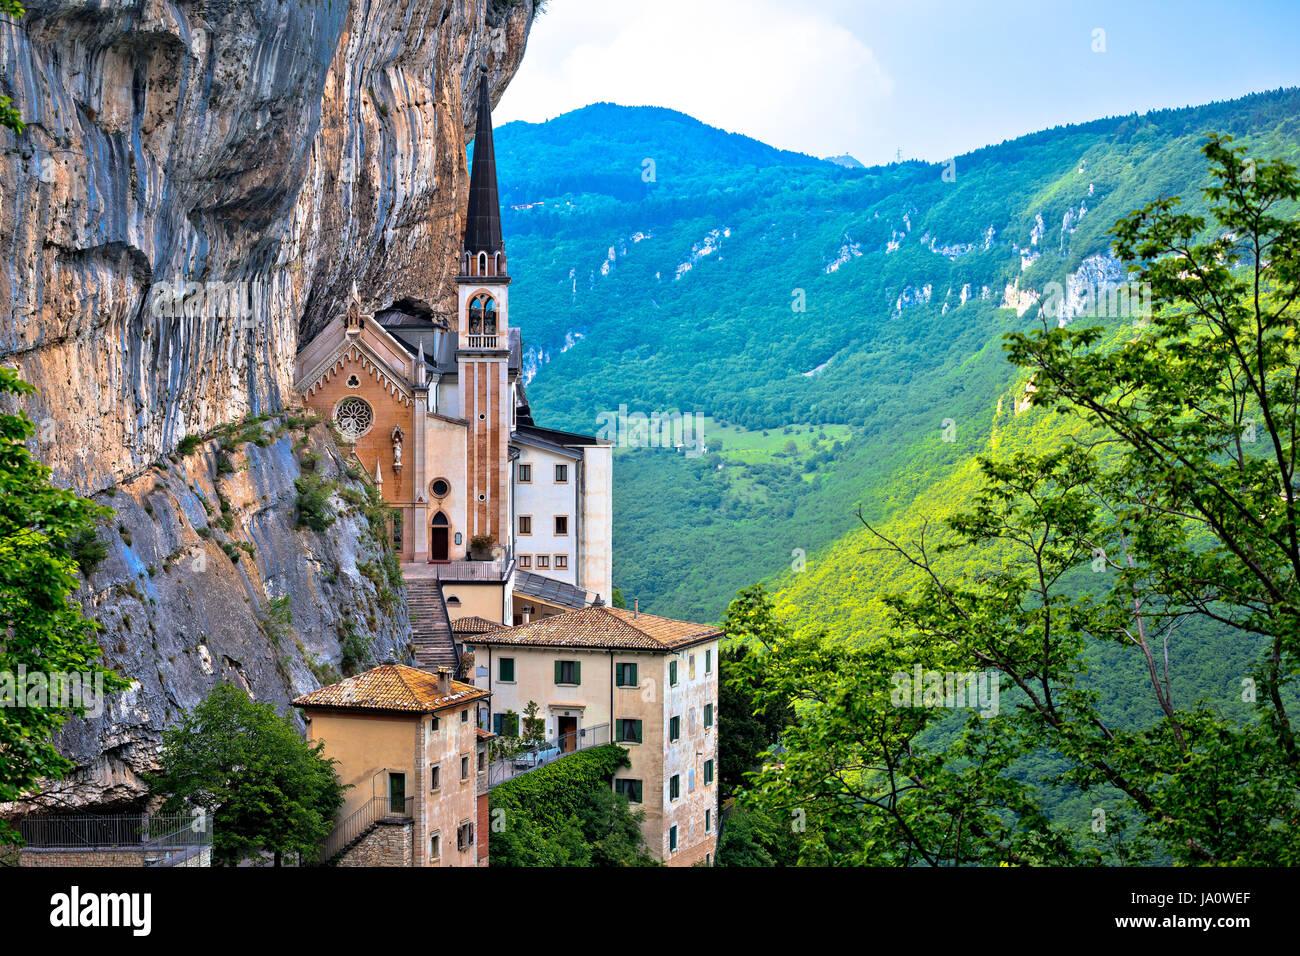 Madonna della Corona church on the rock, sanctuary in Trentino Alto Adige region of Italy - Stock Image